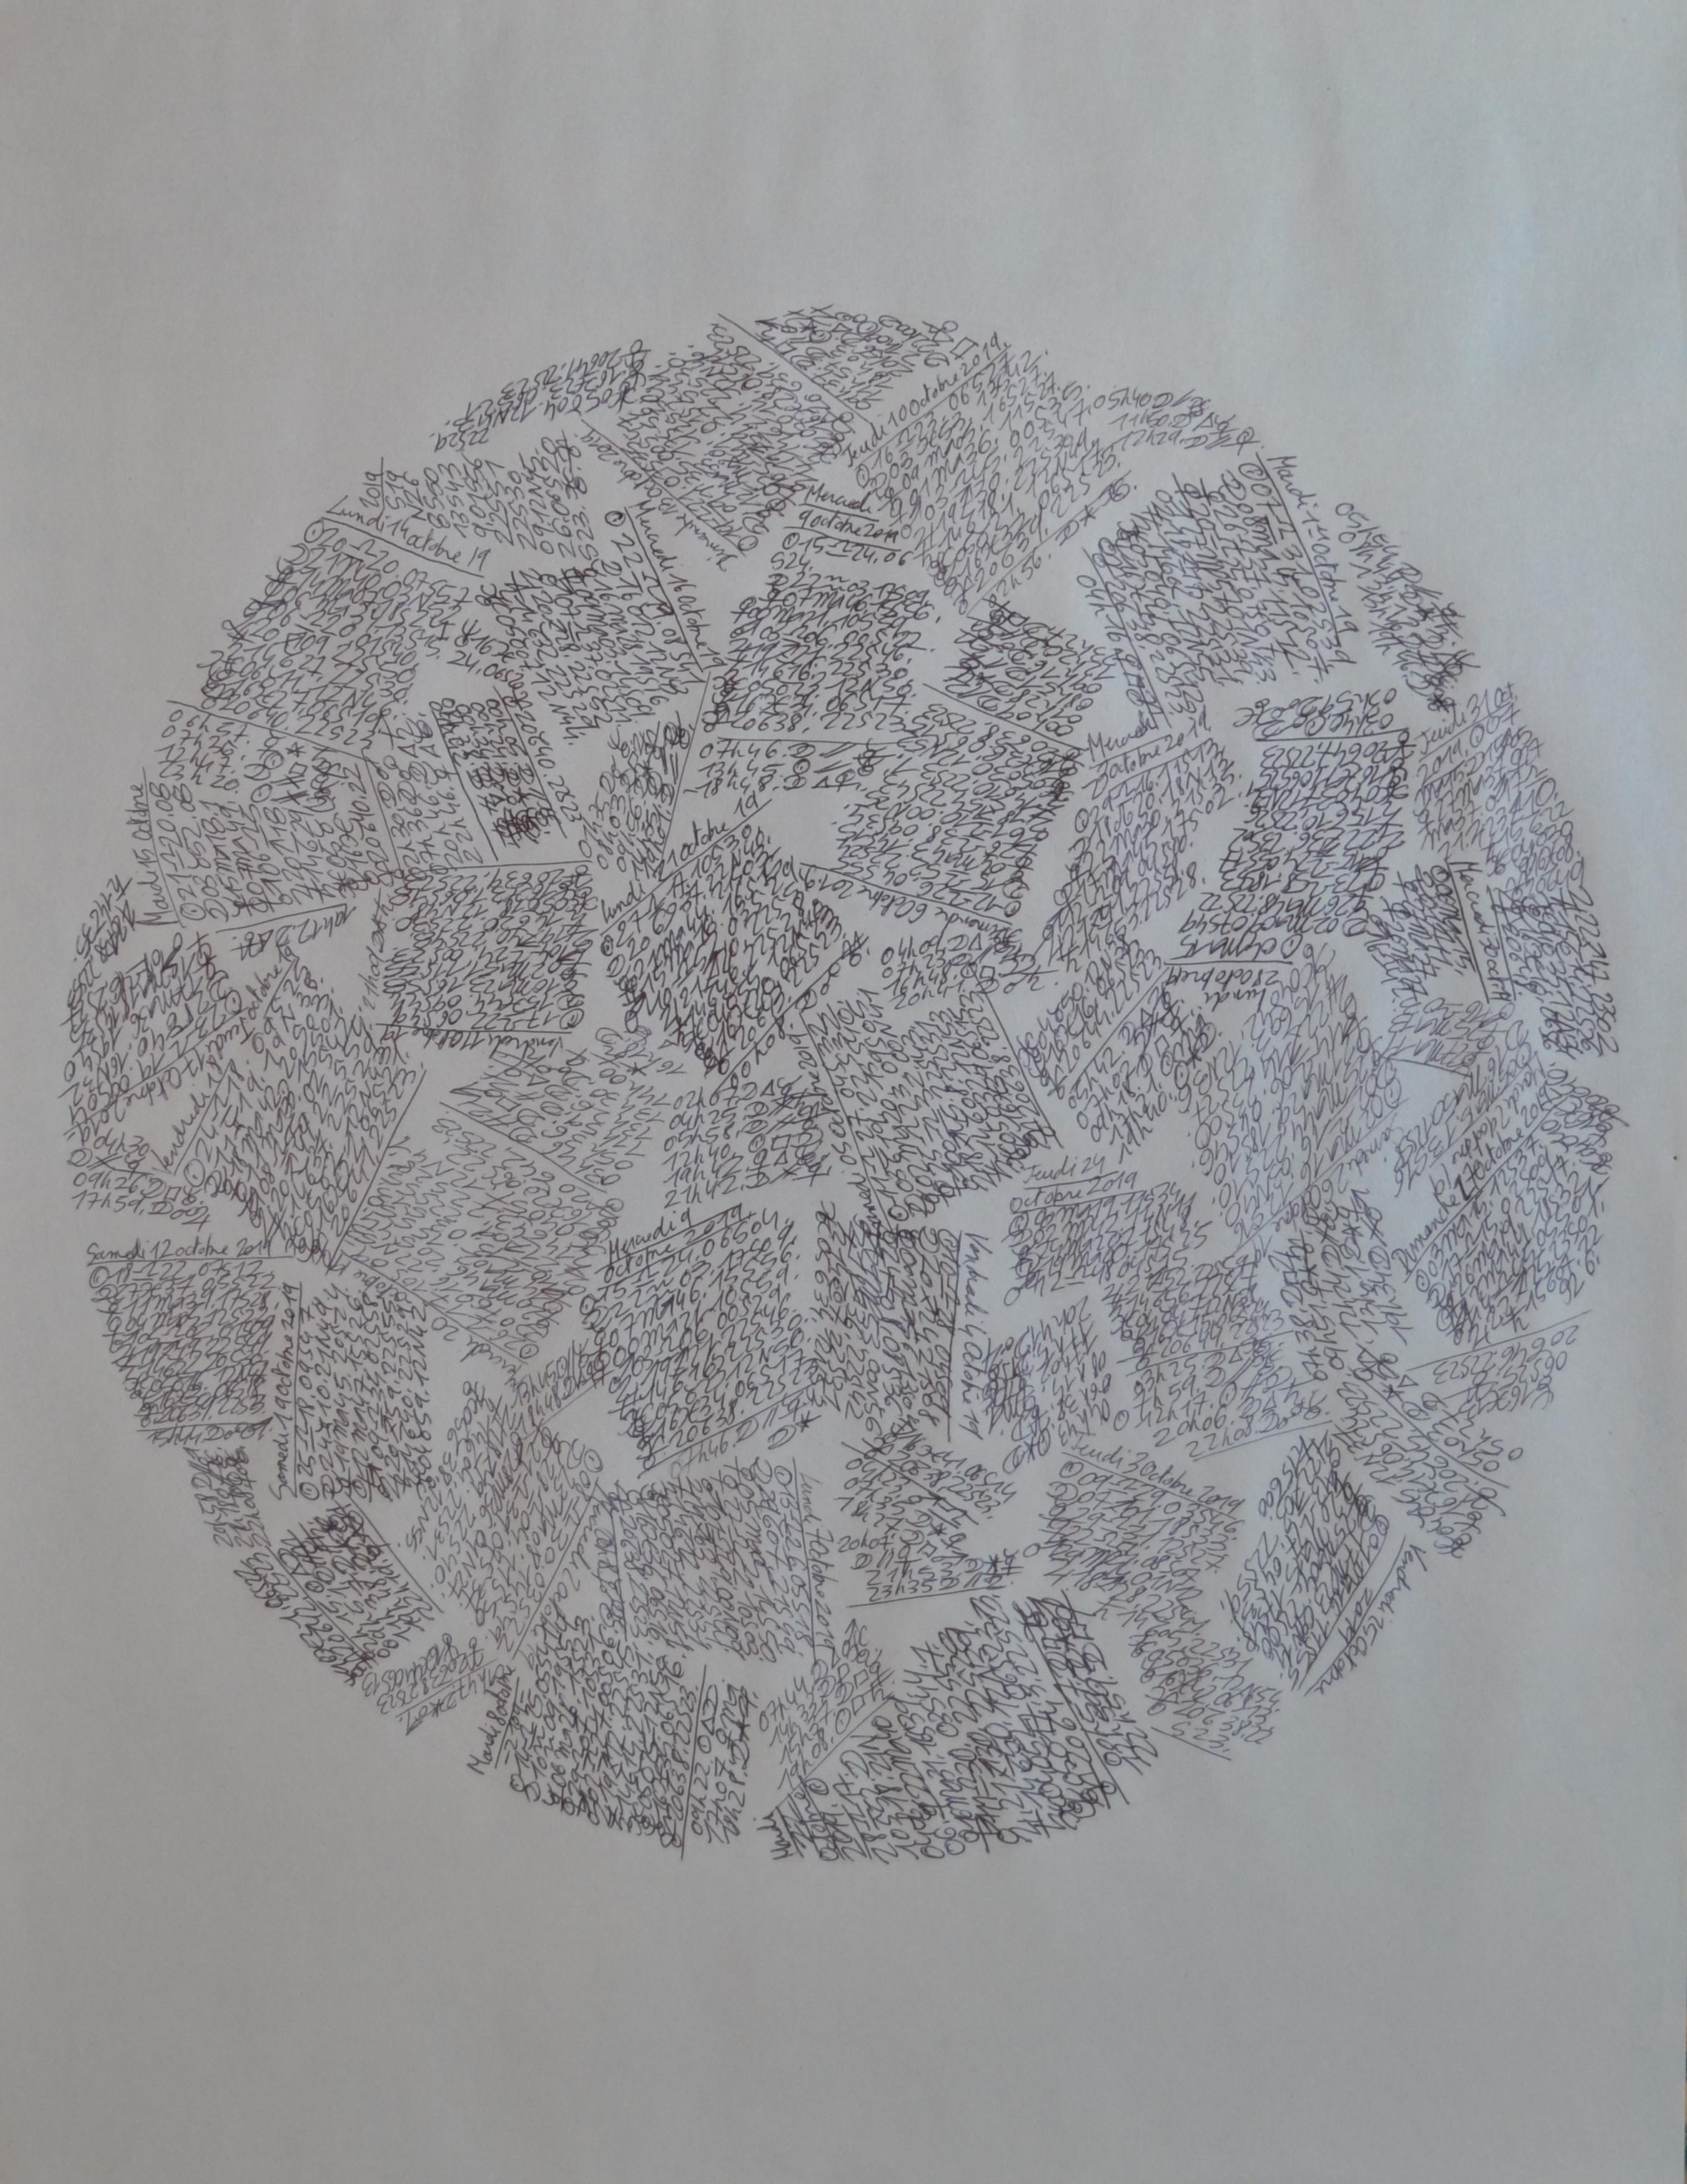 Mappemonde Ephéméride Octobre 2019, stylo bille sur papier journal vierge, 60 x 45 cm. Chaque jour du mois d